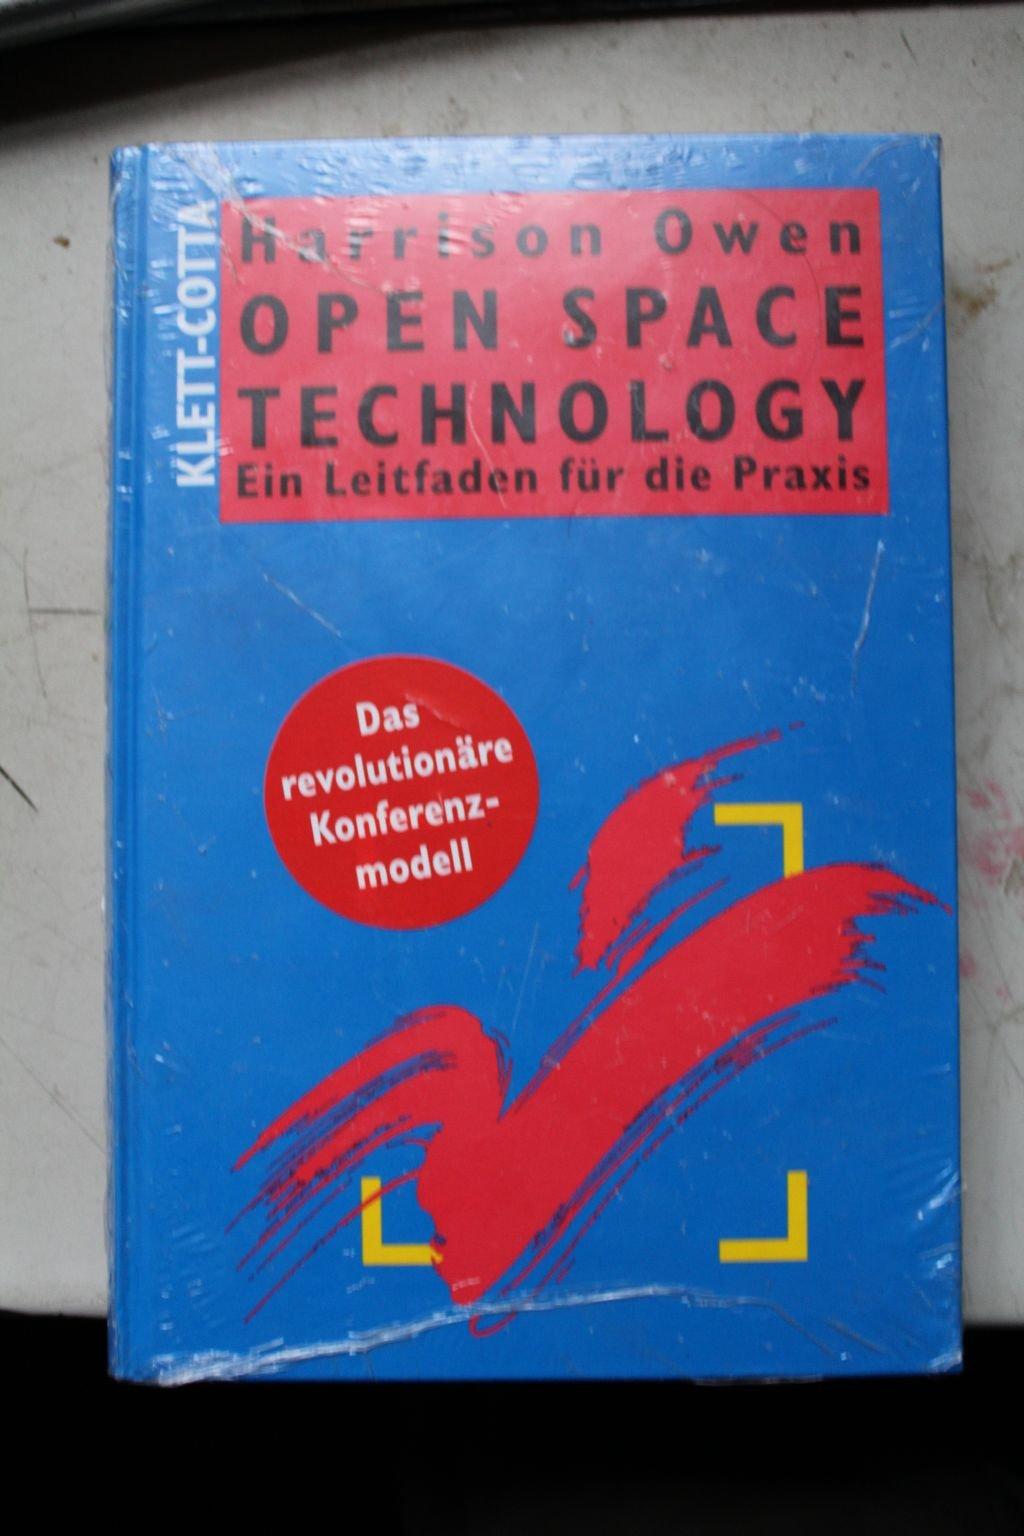 Open Space Technology - Ein Leitfaden für die Praxis